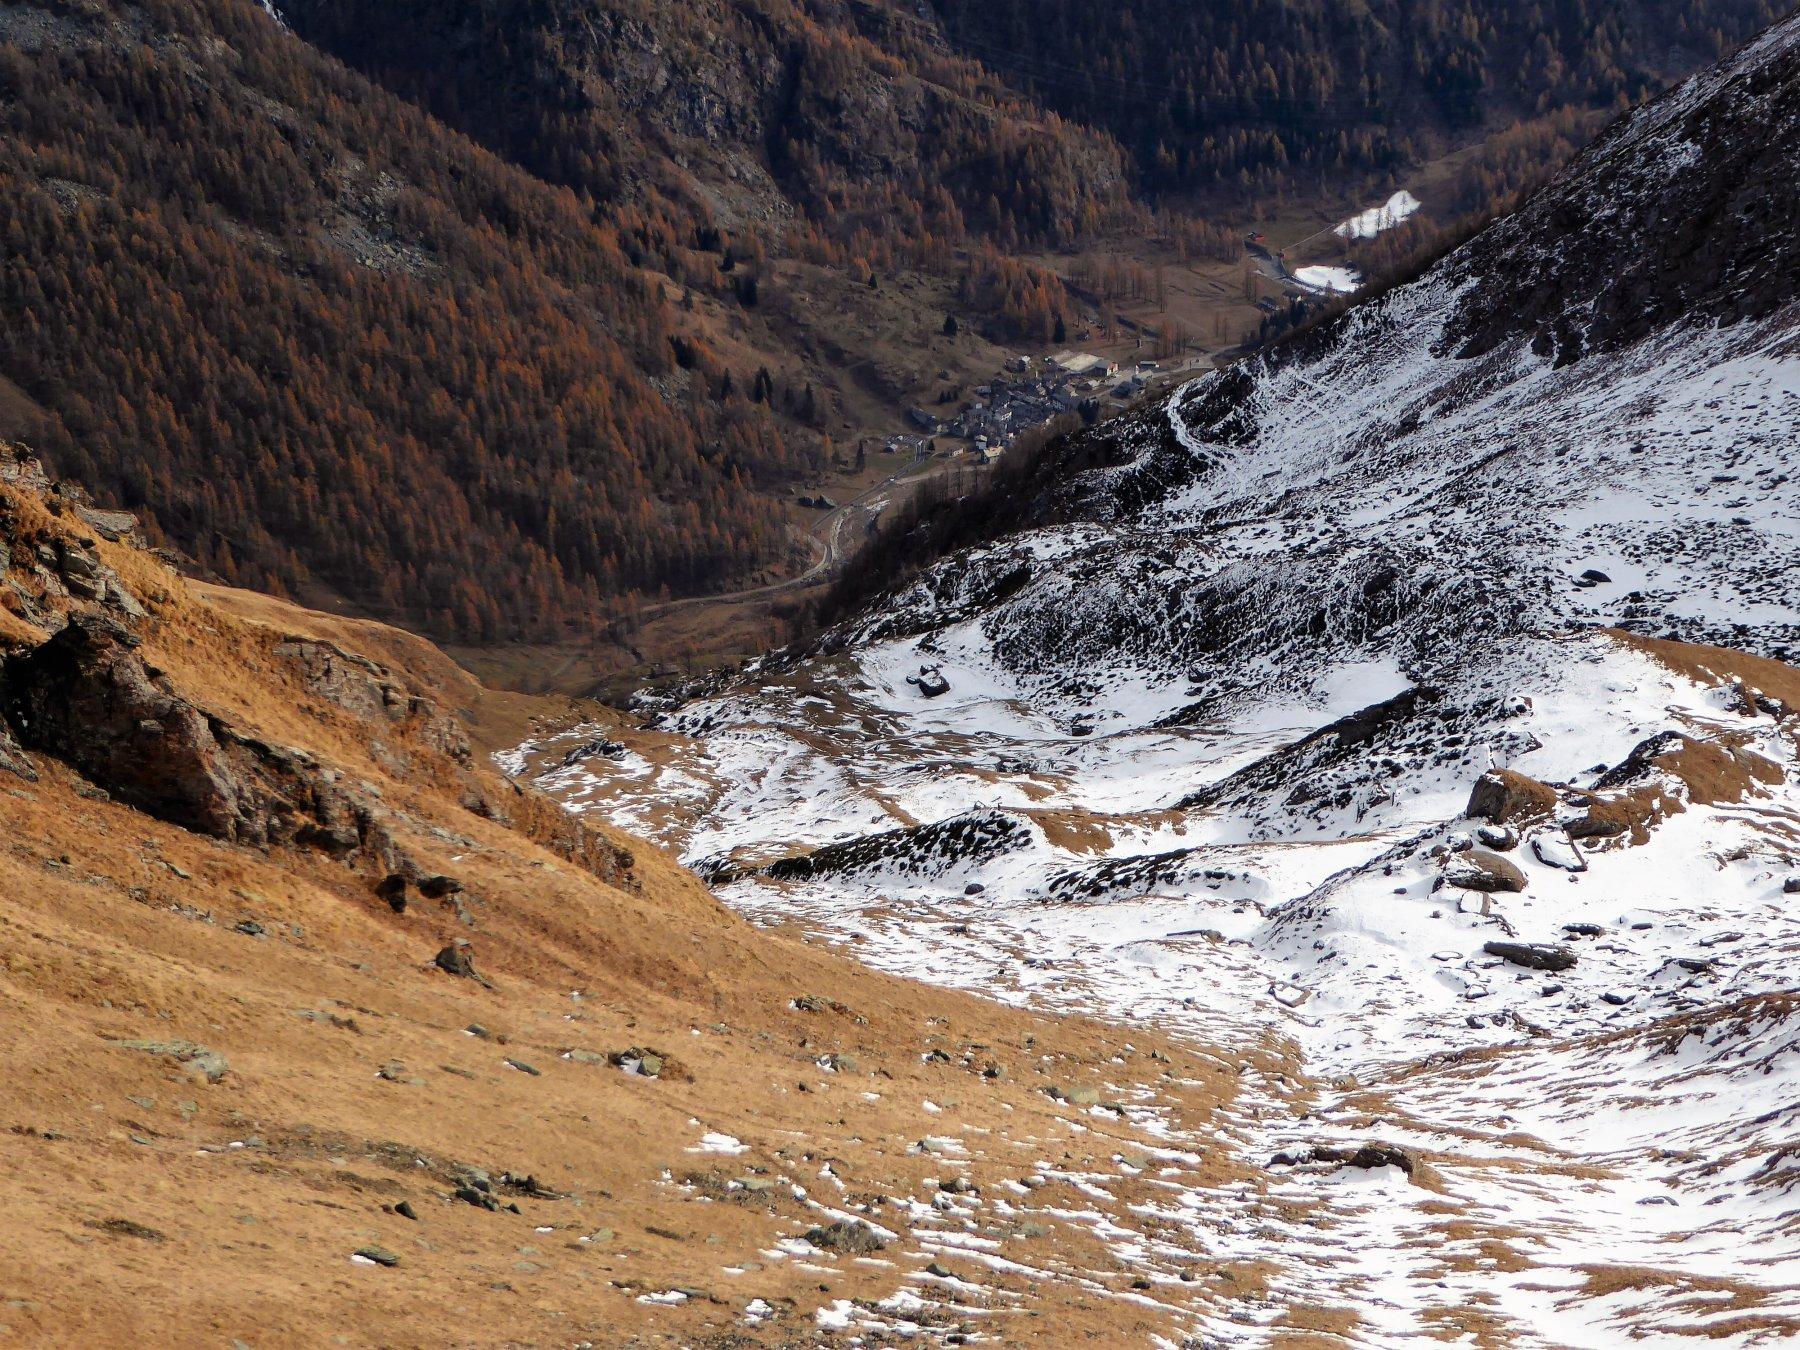 scendendo dal Colle della Borra, in alto a destra Piamprato